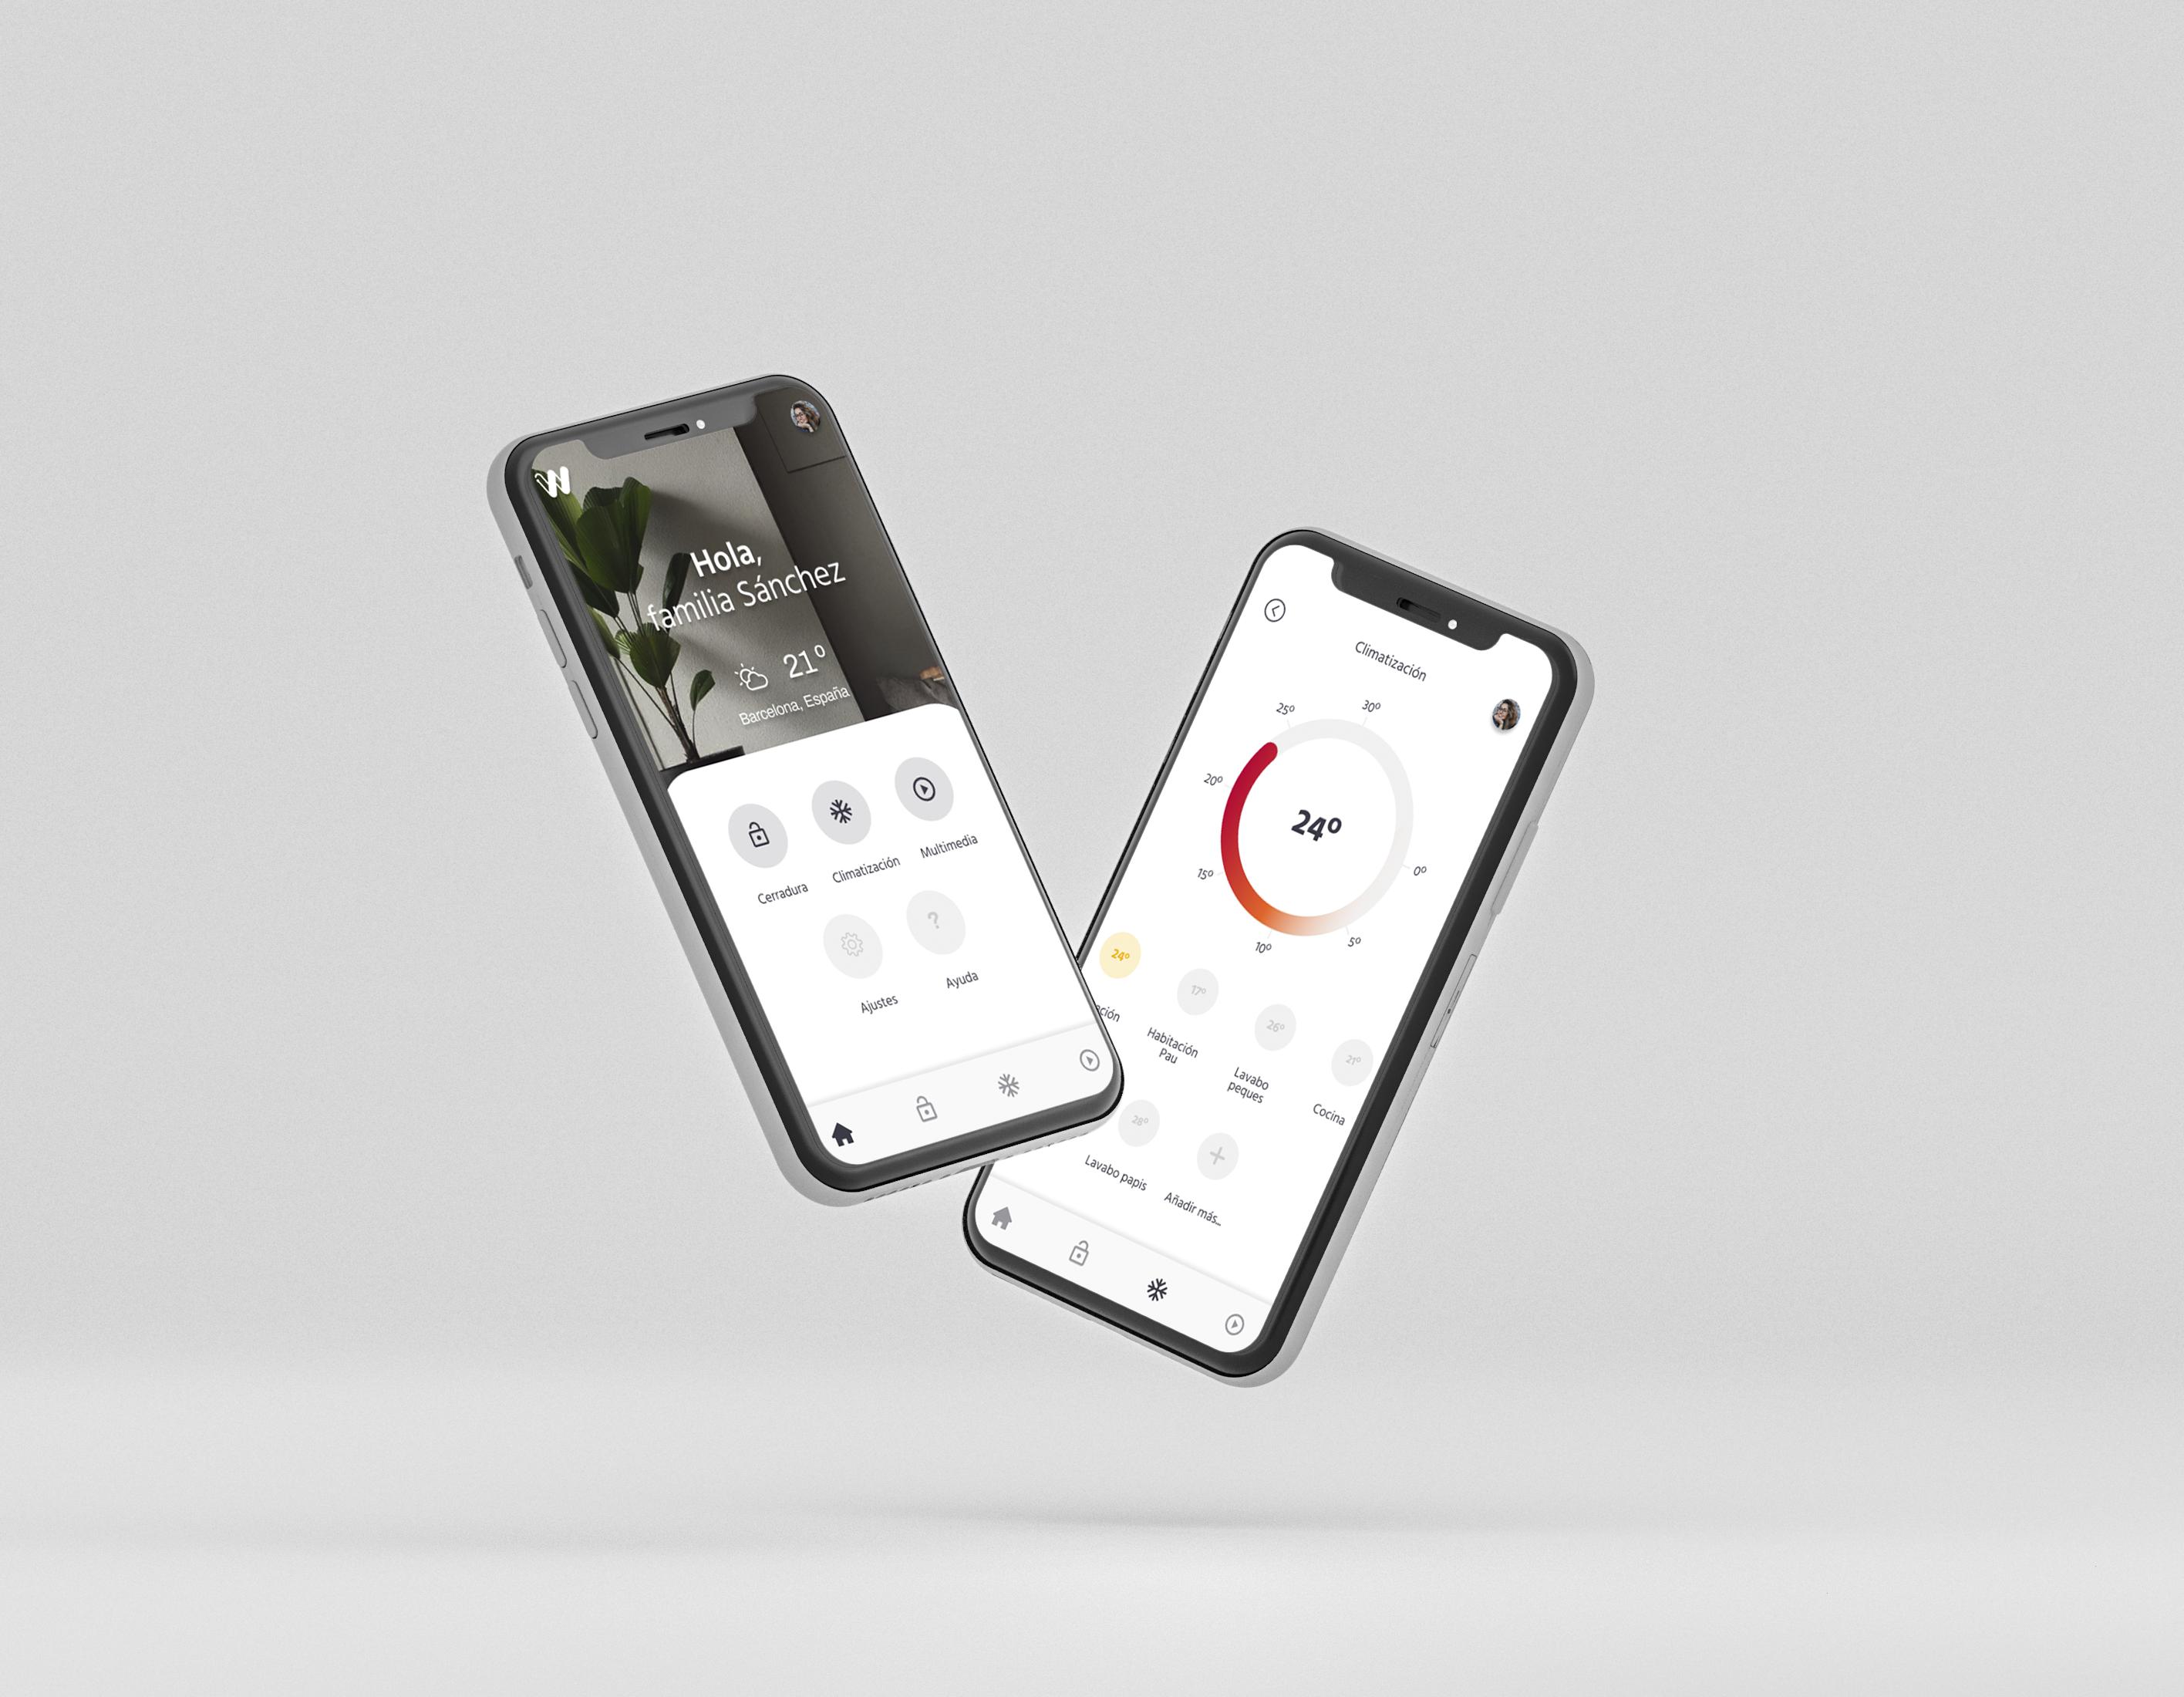 wanda home automation app